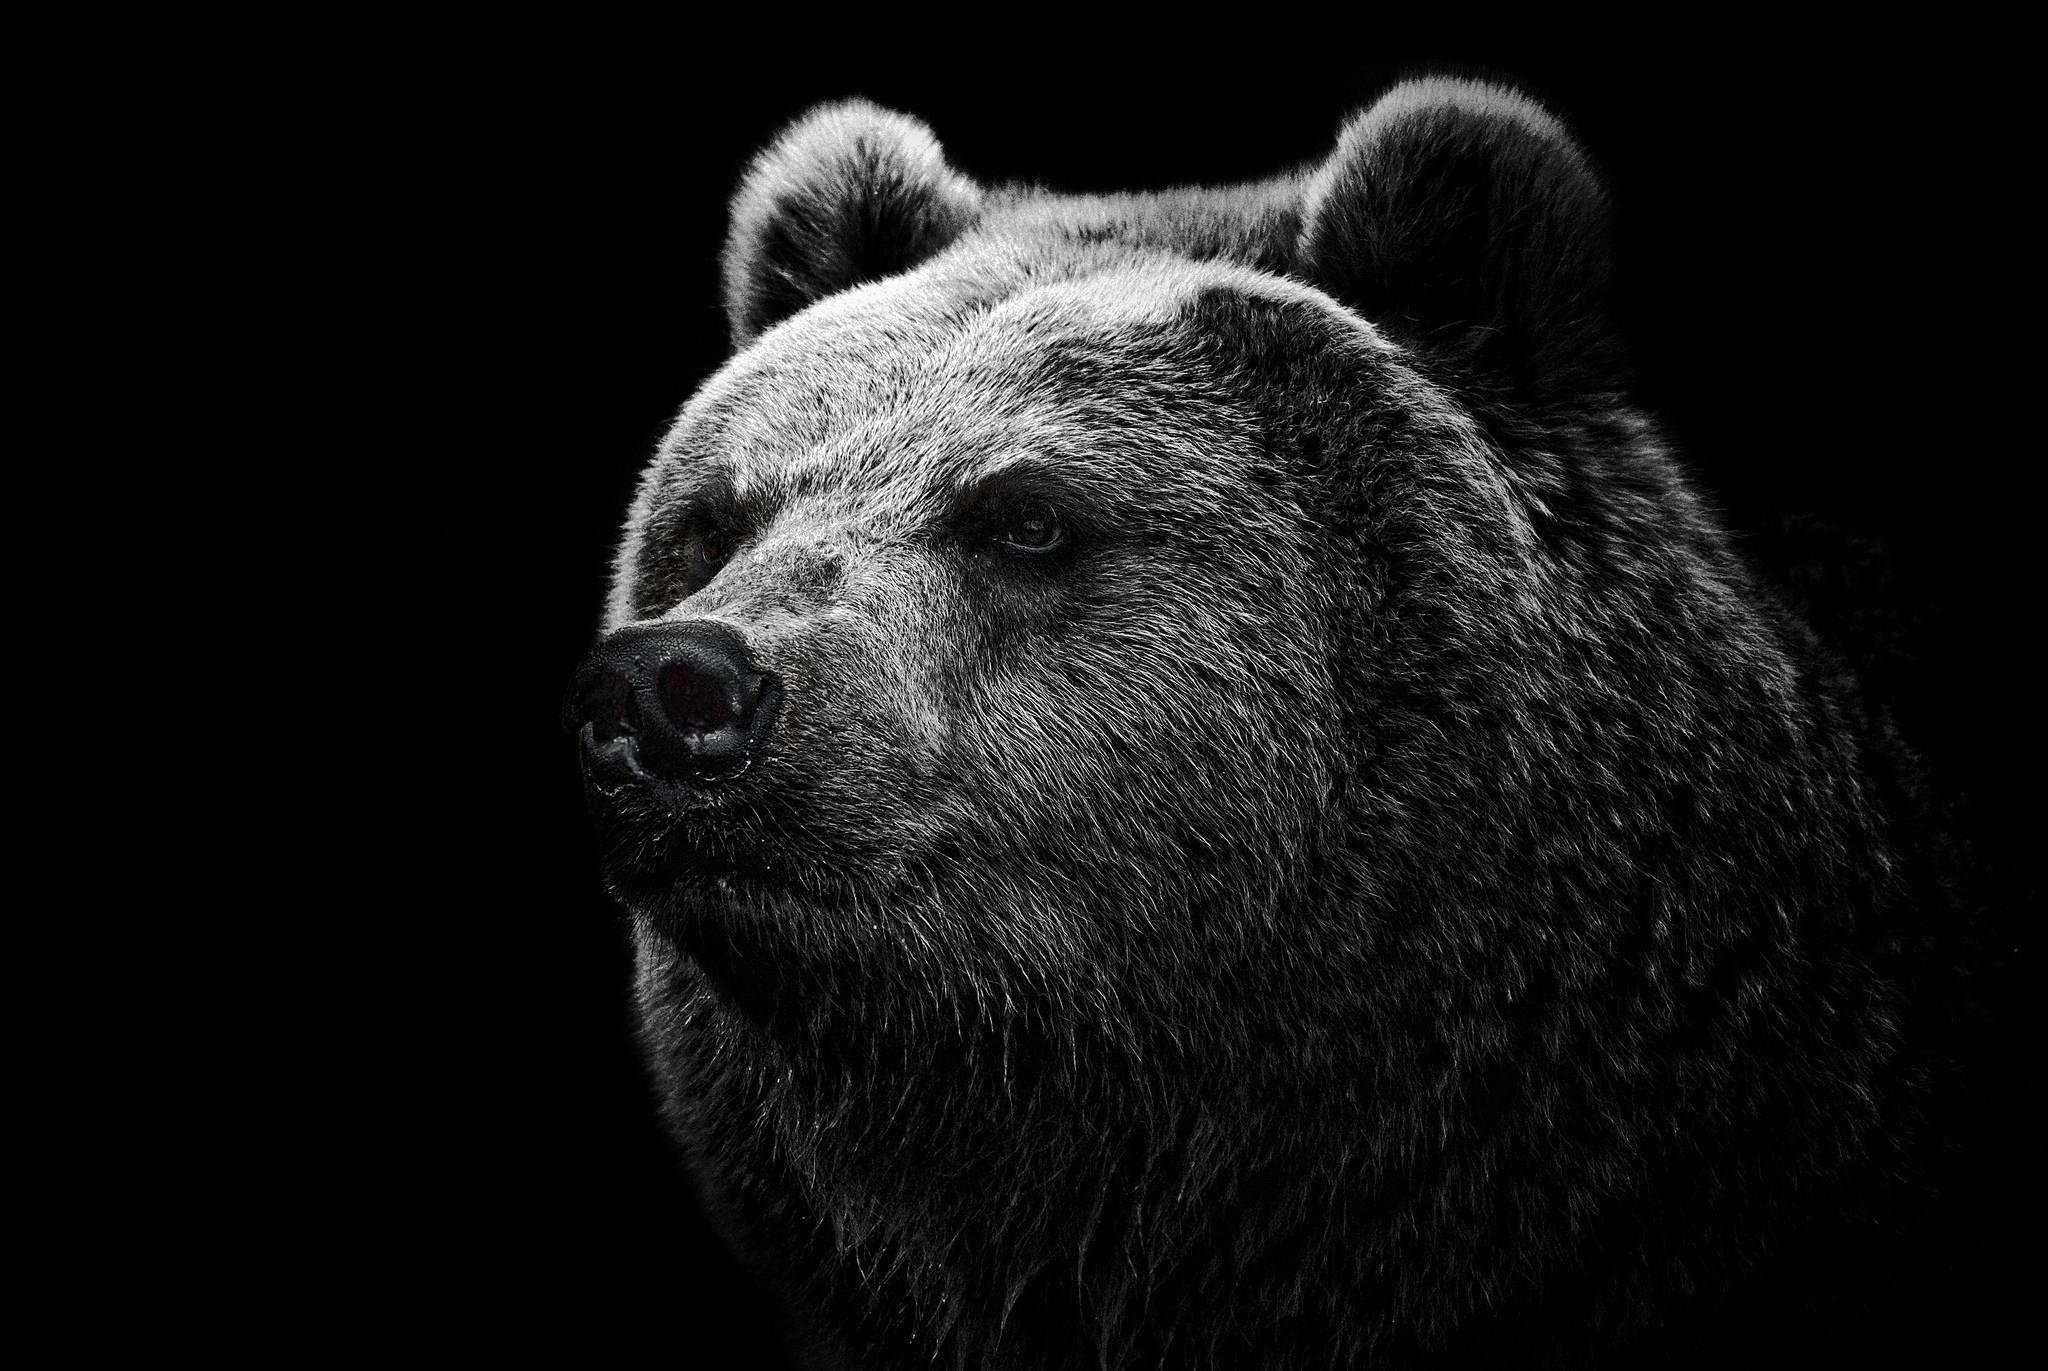 white bear download wallpaper